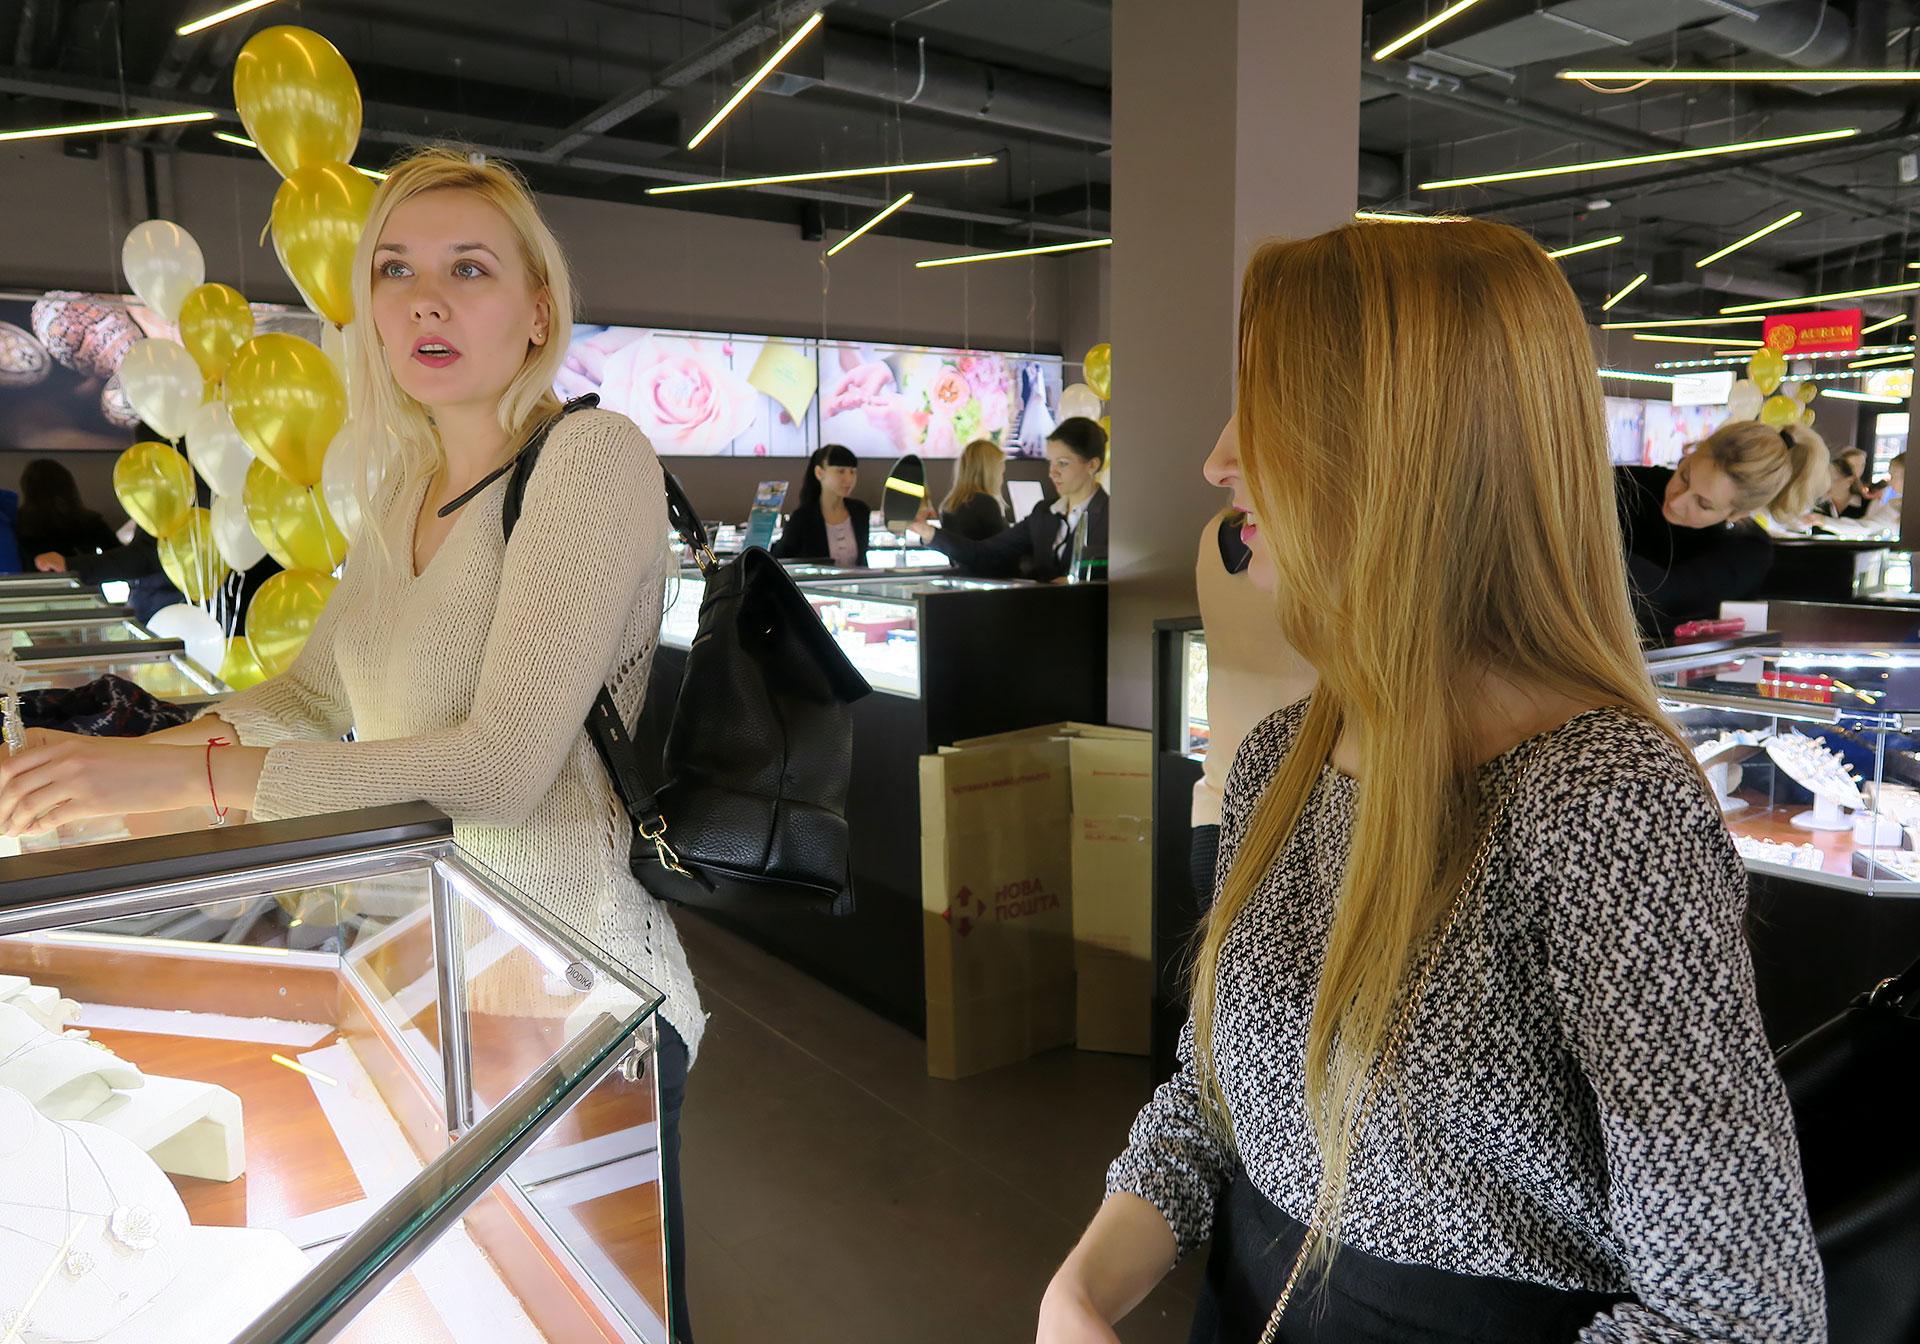 Новый ювелирный супермаркет Укрзолото на м Минская. Золотые украшения, цепочки, кольца